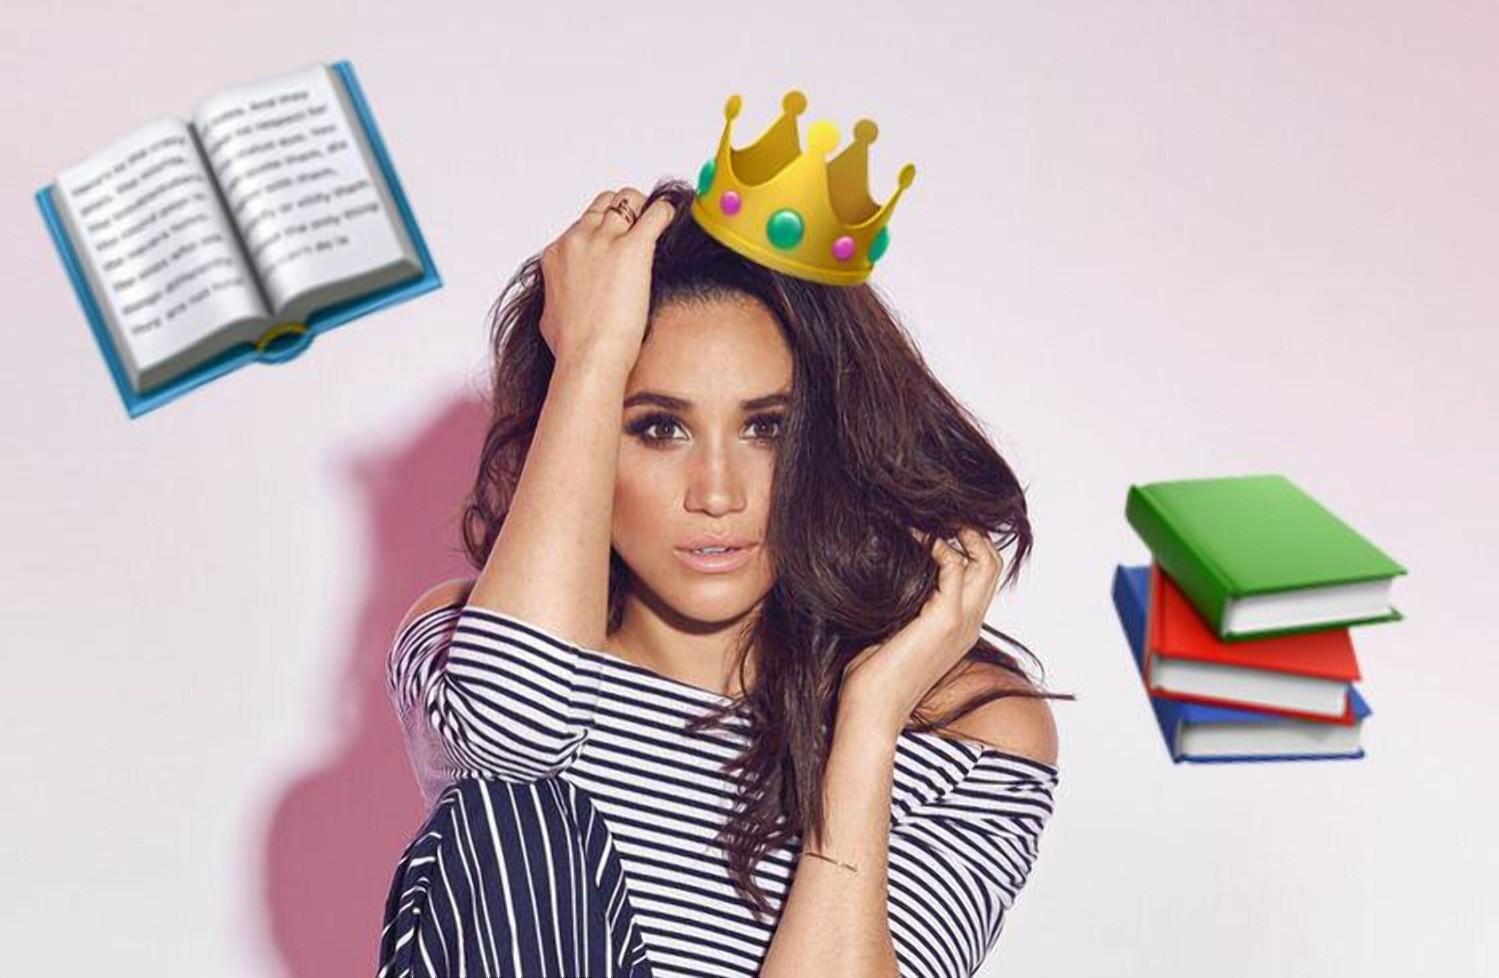 Что читала Меган Маркл? 7 обязательных книг для реализации самой смелой мечты